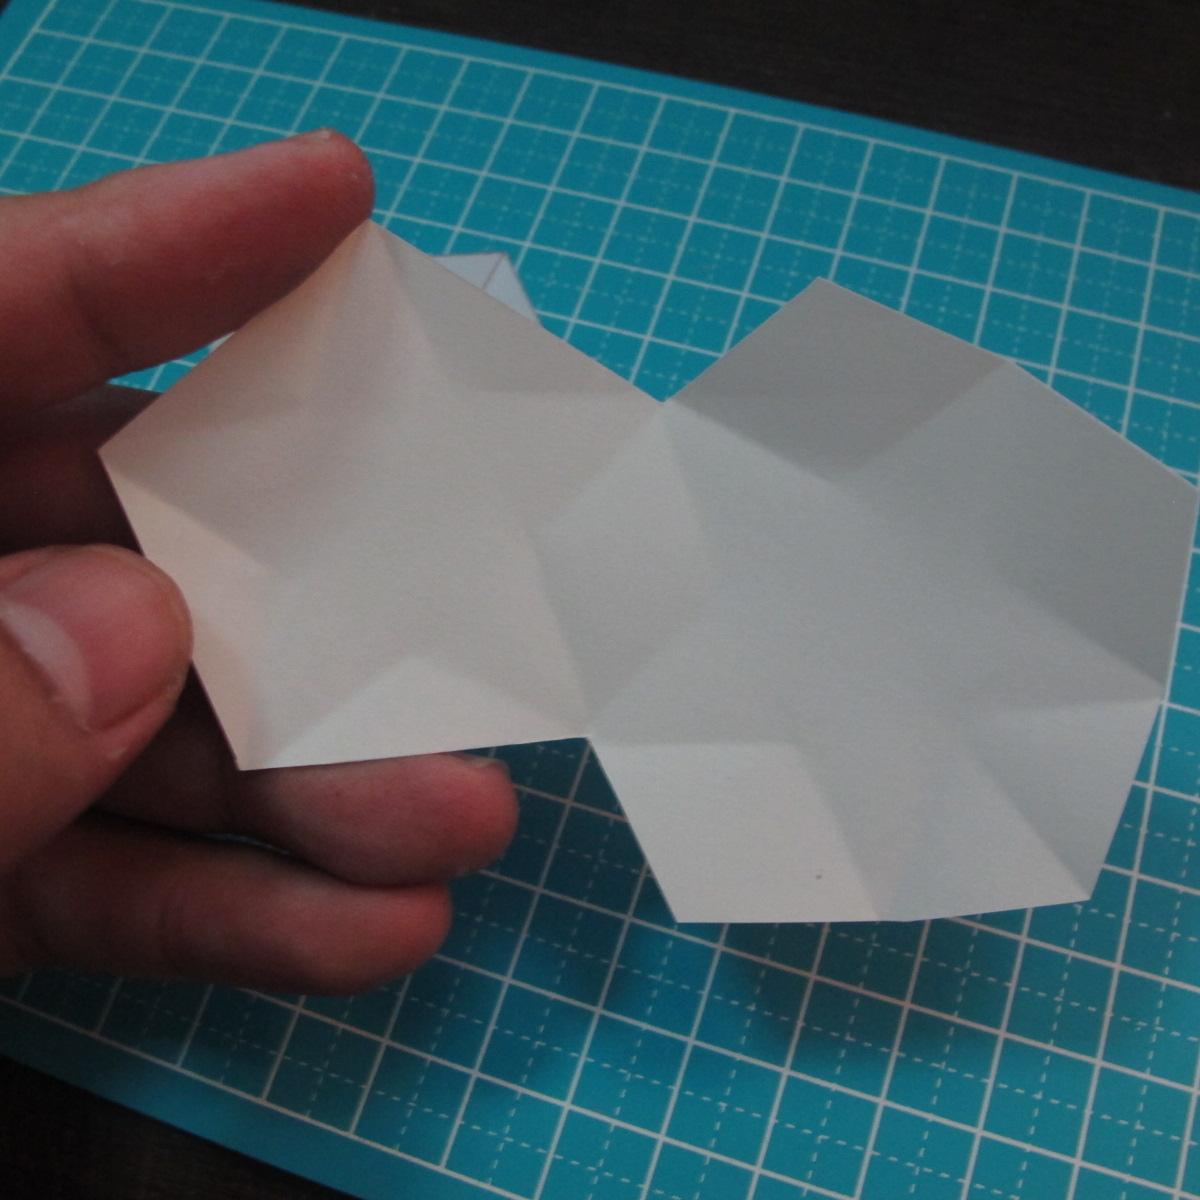 โมเดลกระดาษรูปดาว 005